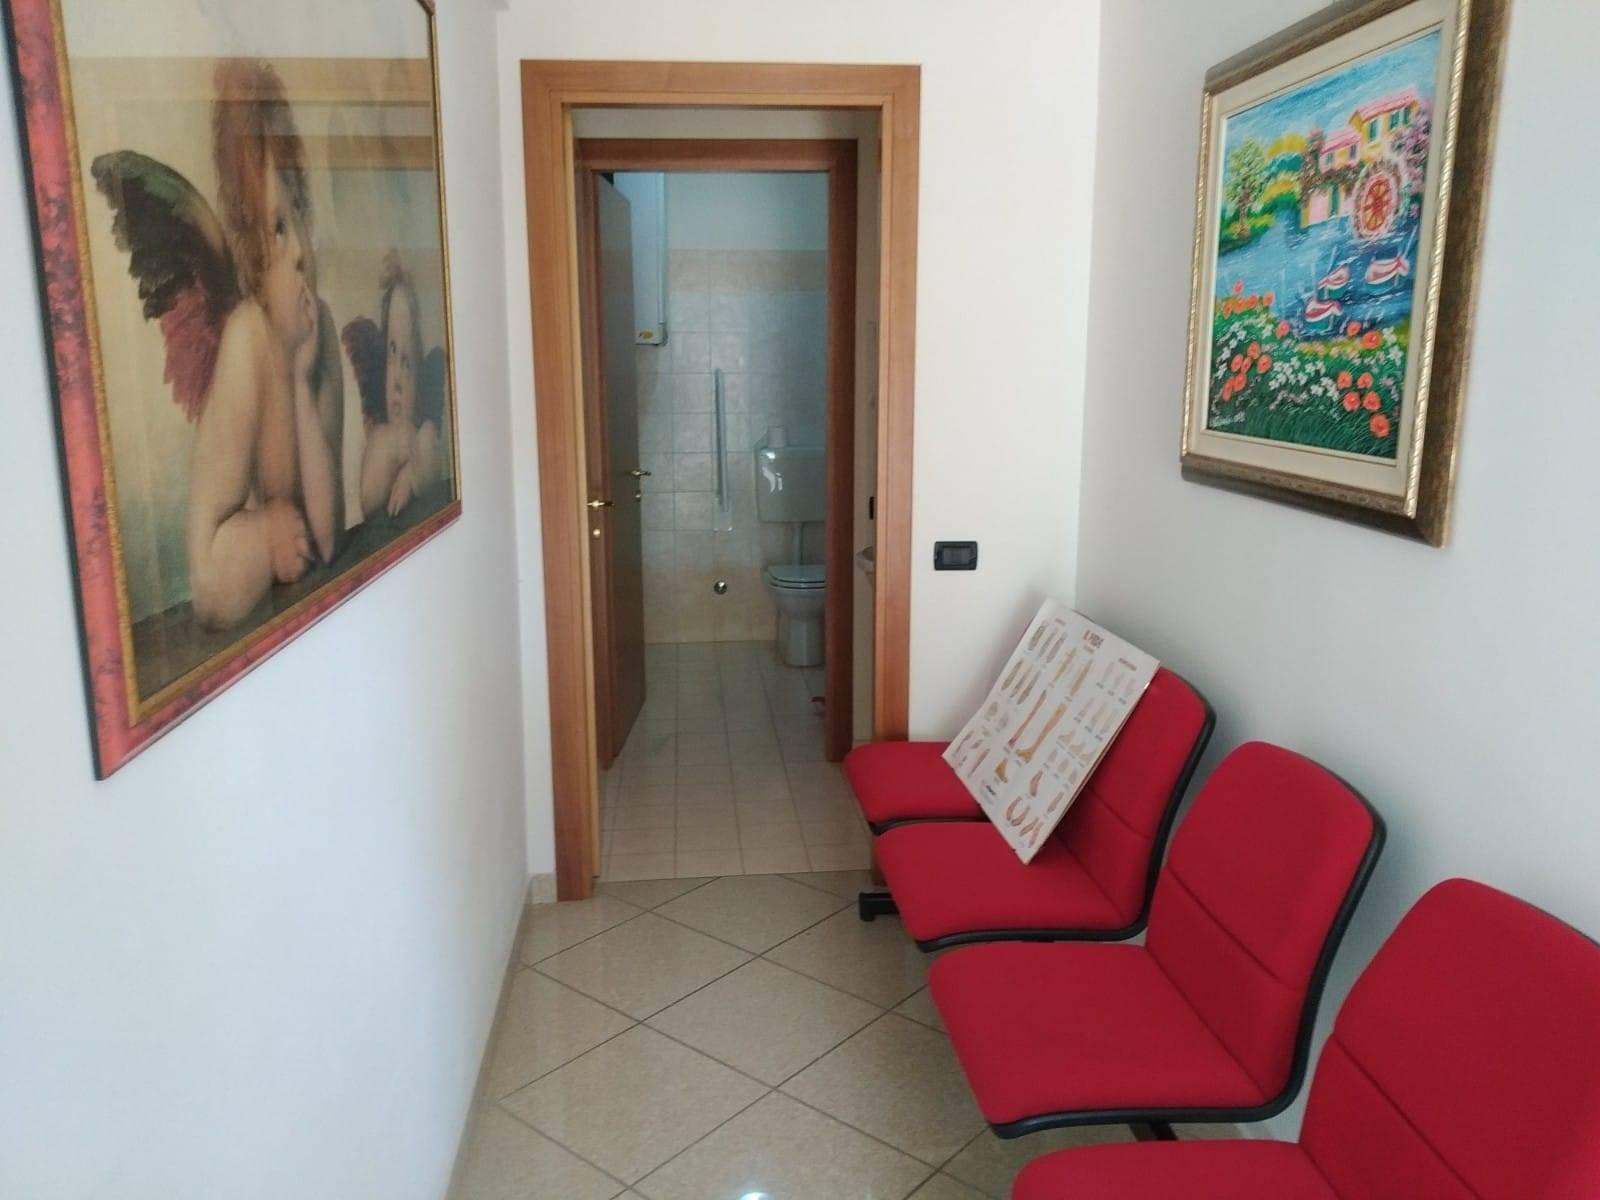 Ufficio / Studio in affitto a Este, 1 locali, prezzo € 350 | CambioCasa.it